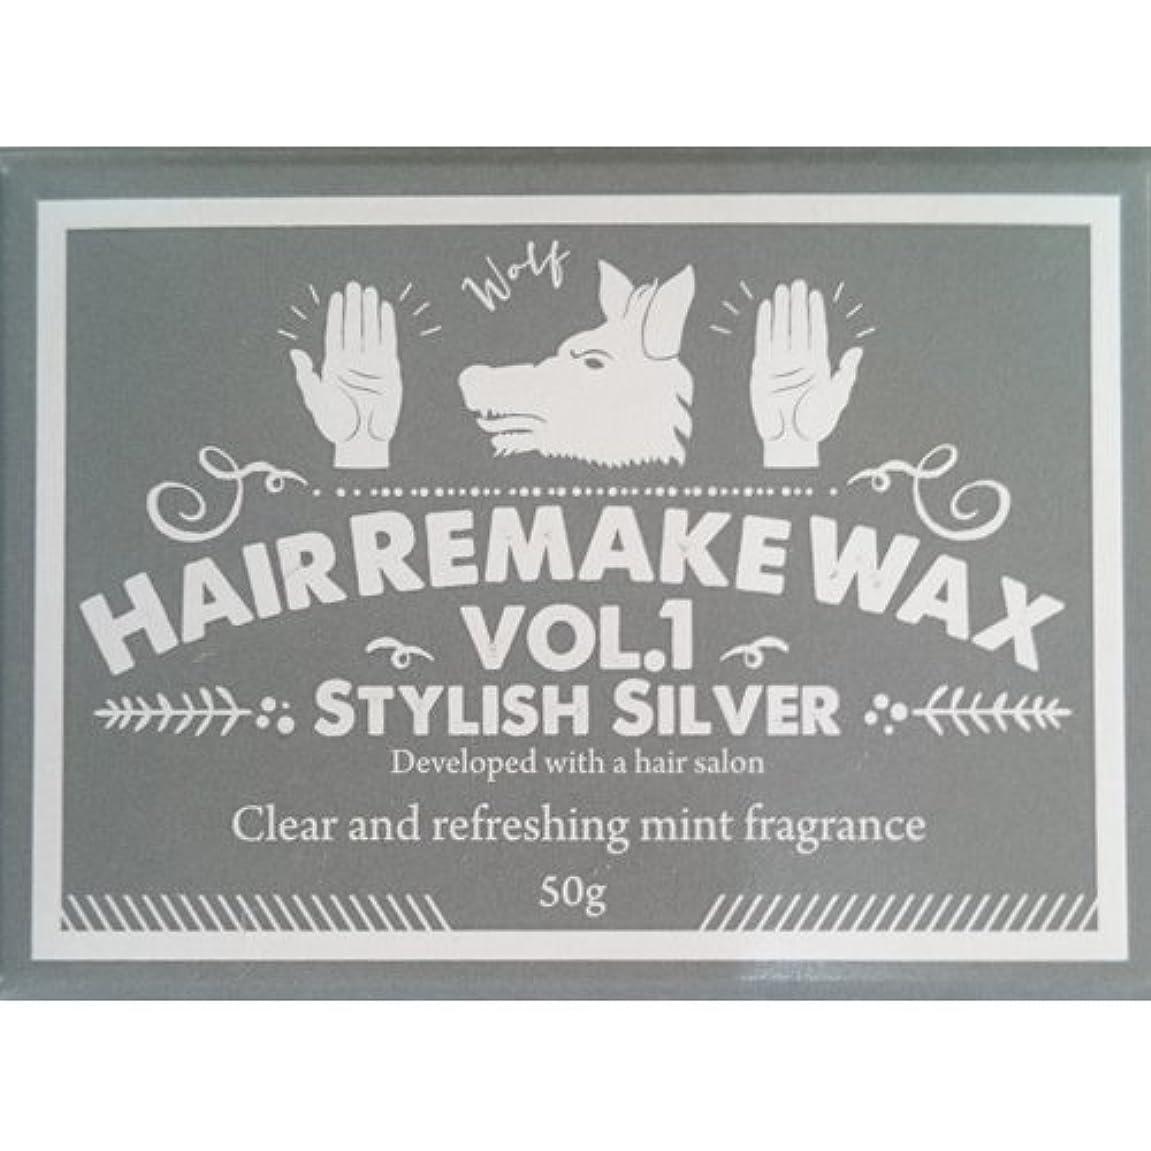 不合格知覚できる若さHair Remake(ヘアーリメイク)WAX Vol.1 スタイリッシュシルバー 50g